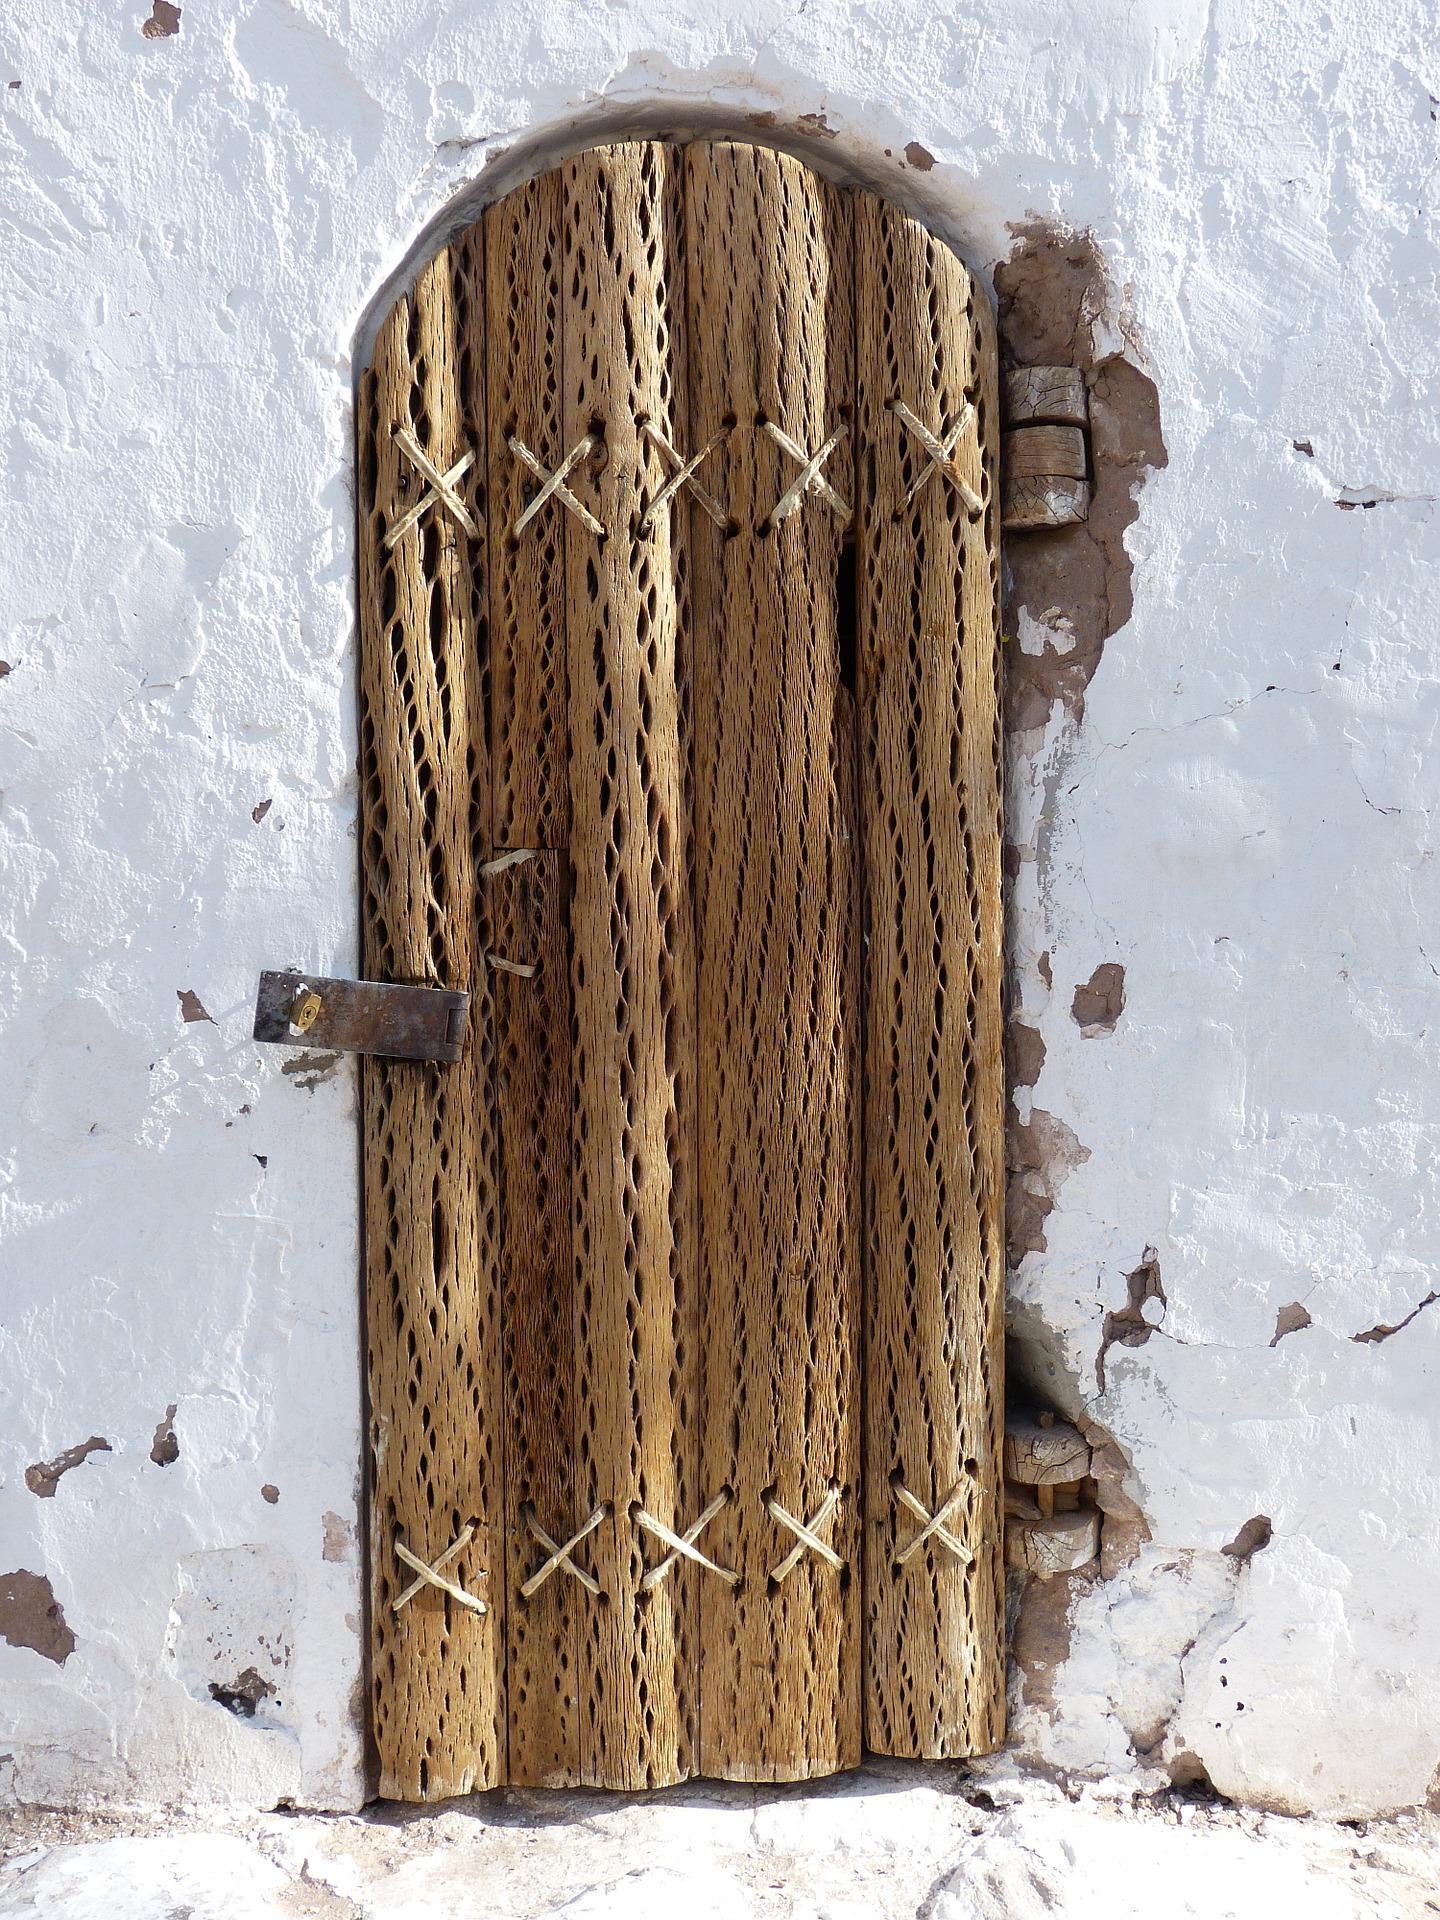 Kakteenholz wird in den Ursprungsländern auch für andere Zwecke genutzt ©Pixabay-Falco